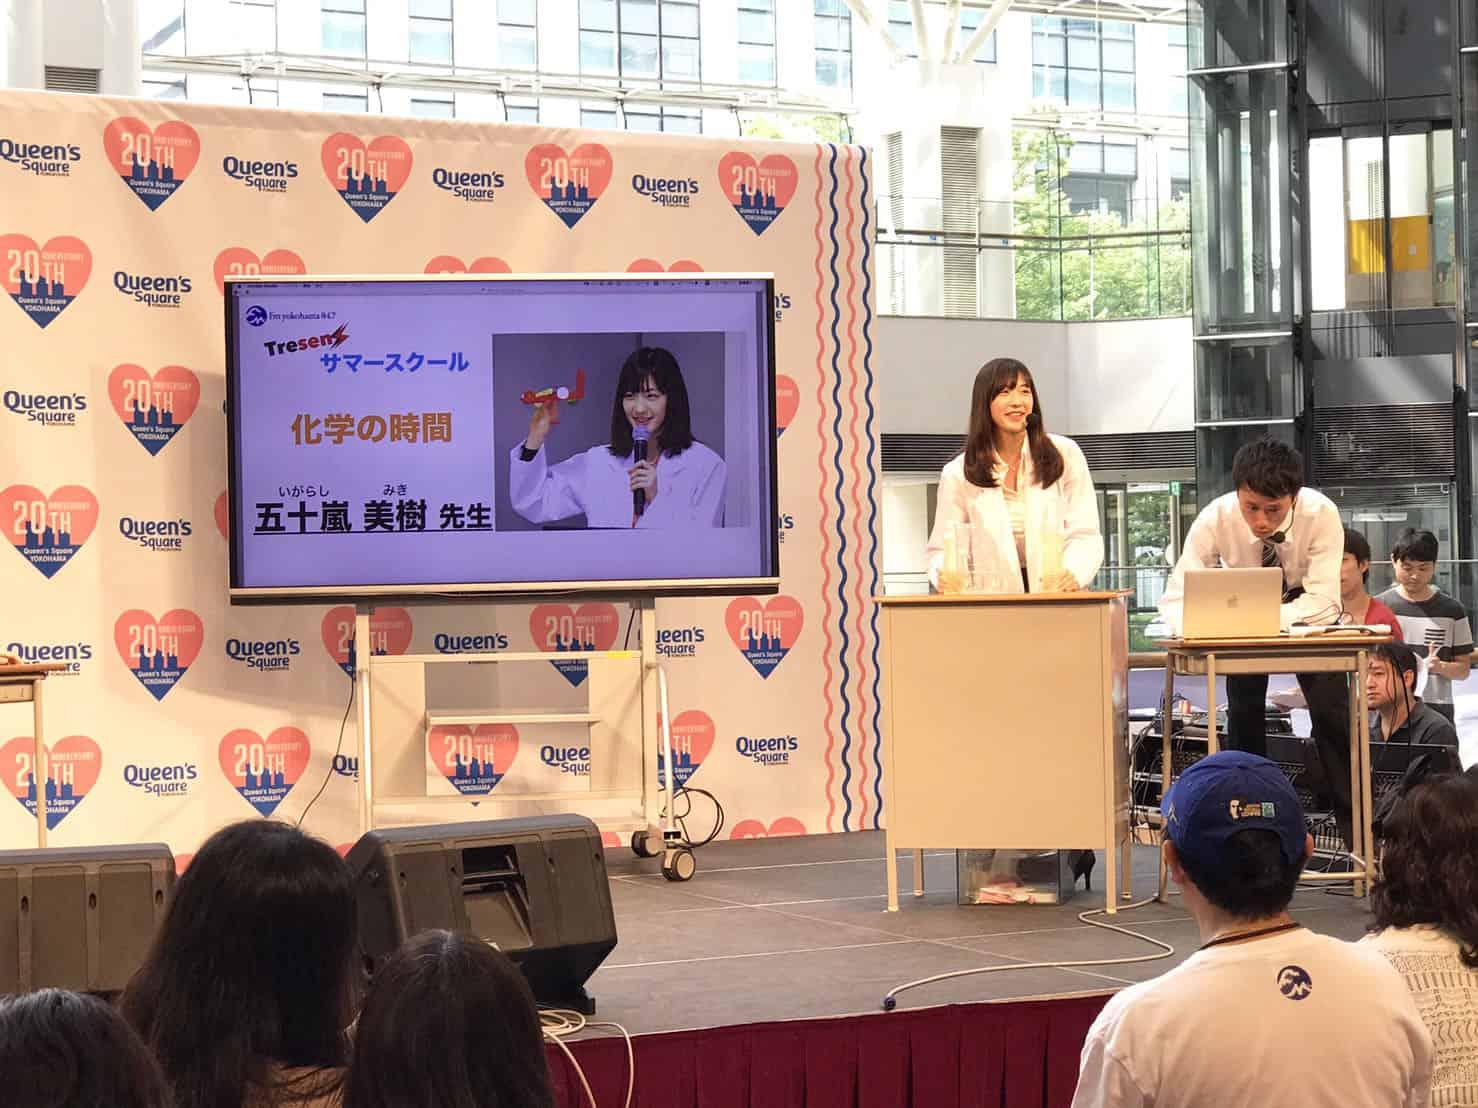 FMヨコハマ『公開収録&イベント』に出演しました!